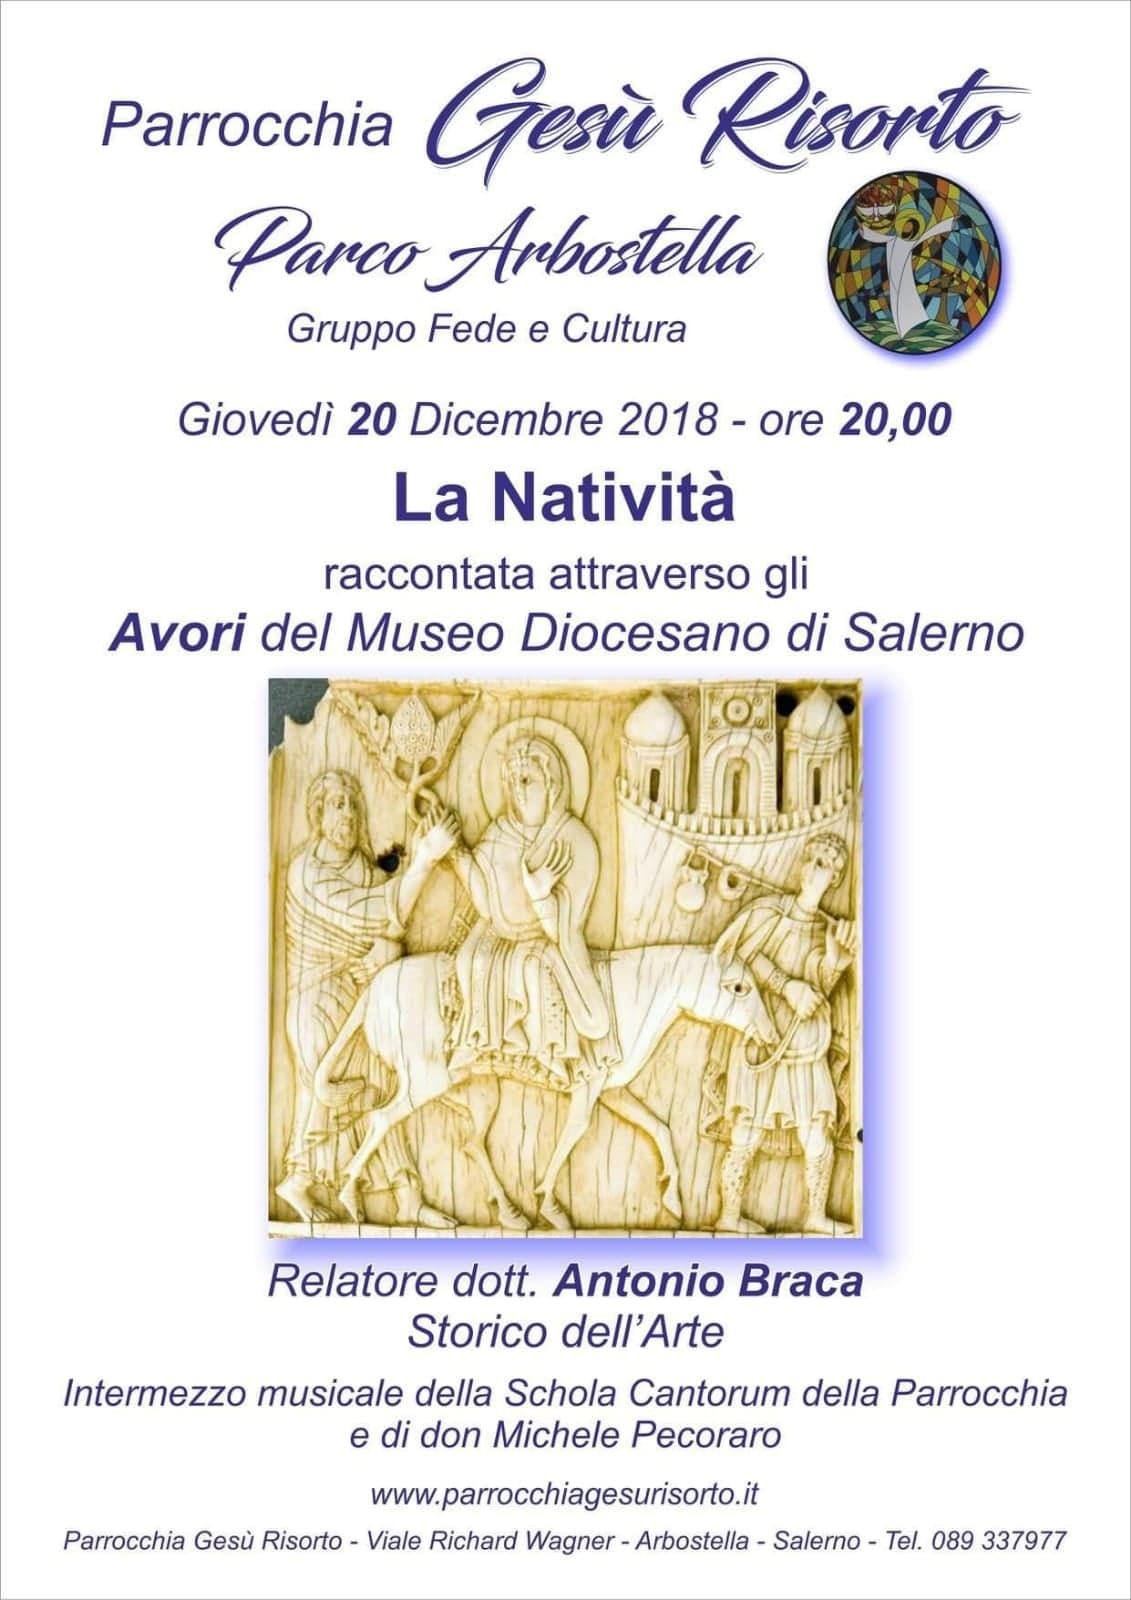 La Natività-Parrocchia Gesù risorto